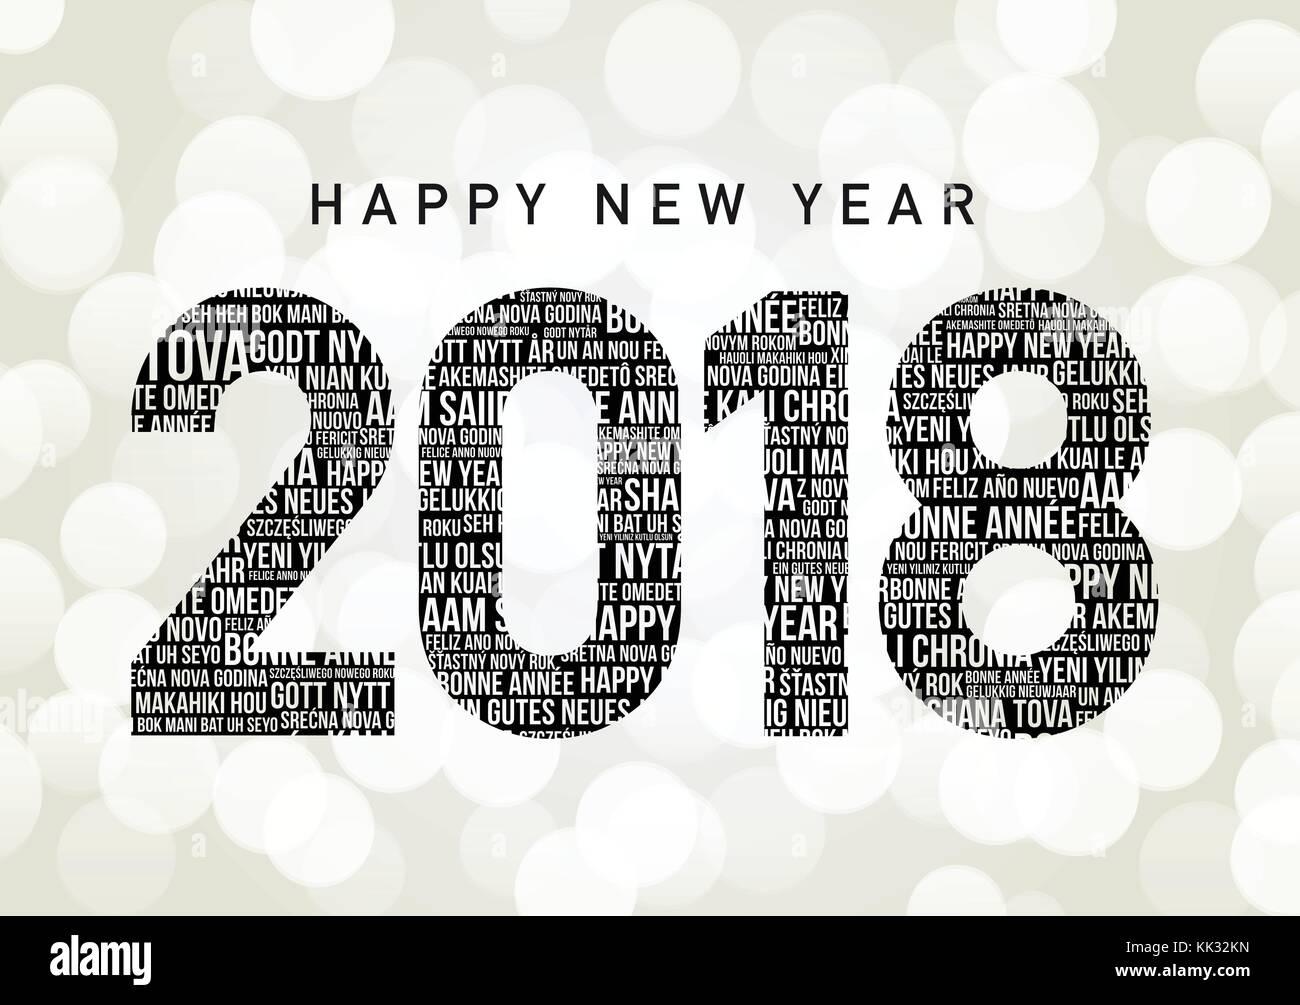 Frohe Weihnachten Und Ein Glückliches Neues Jahr In Allen Sprachen.Frohes Neues Jahr 2018 Vektor Vektoren Stockfotos Frohes Neues